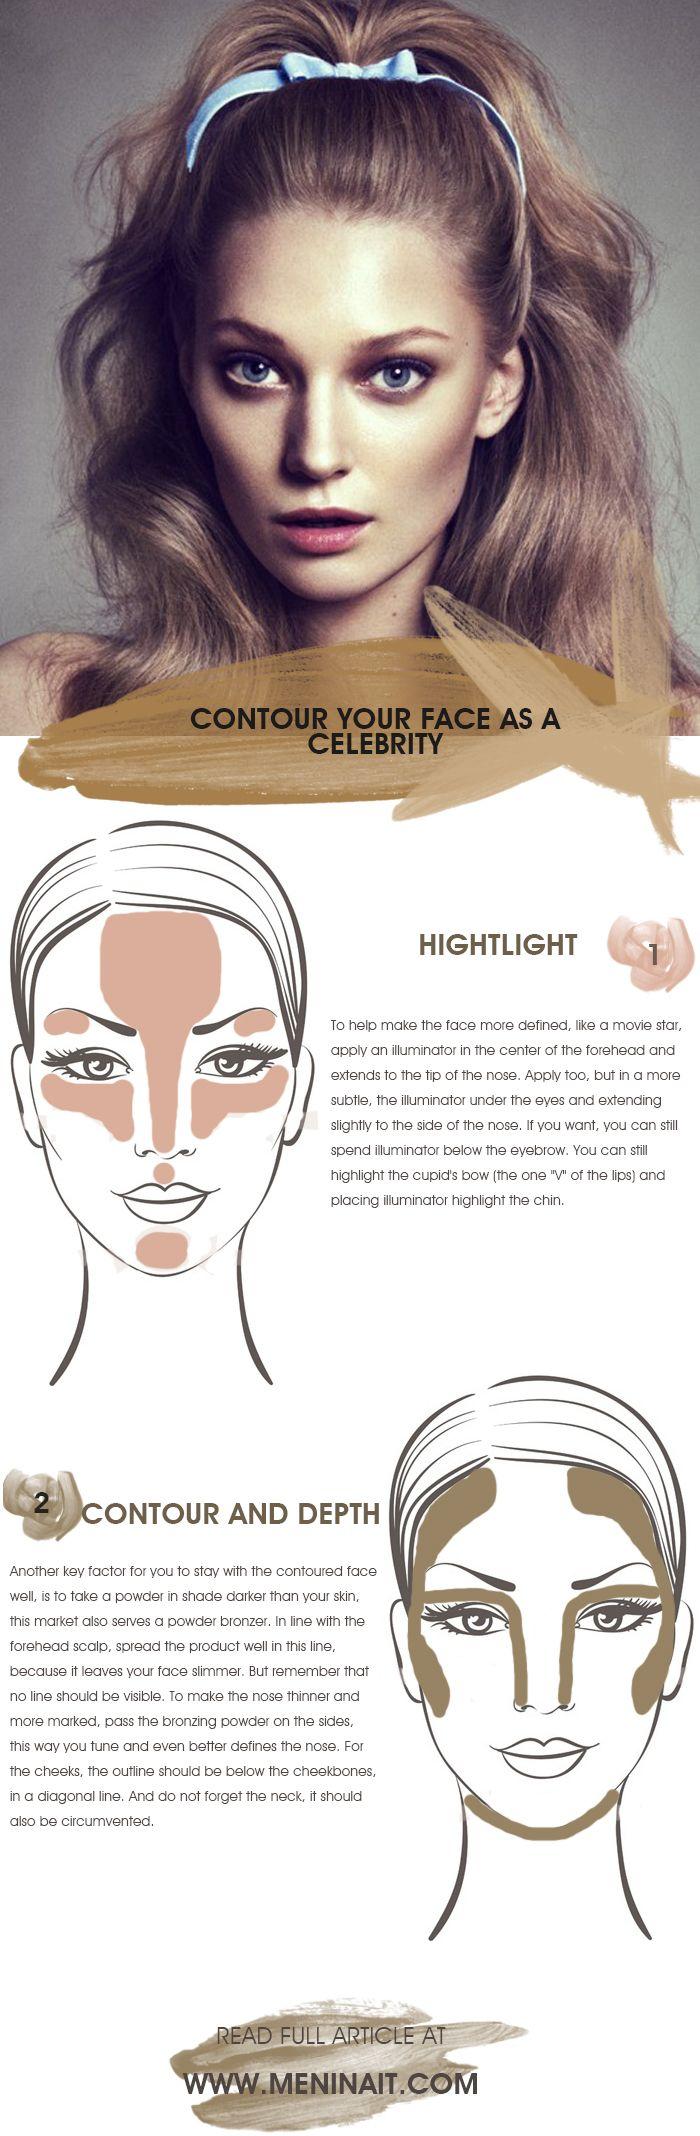 <!--:pt-->Como fazer contorno do rosto como uma celebridade<!--:--><!--:en-->How to contour the face like a celebrity<!--:-->